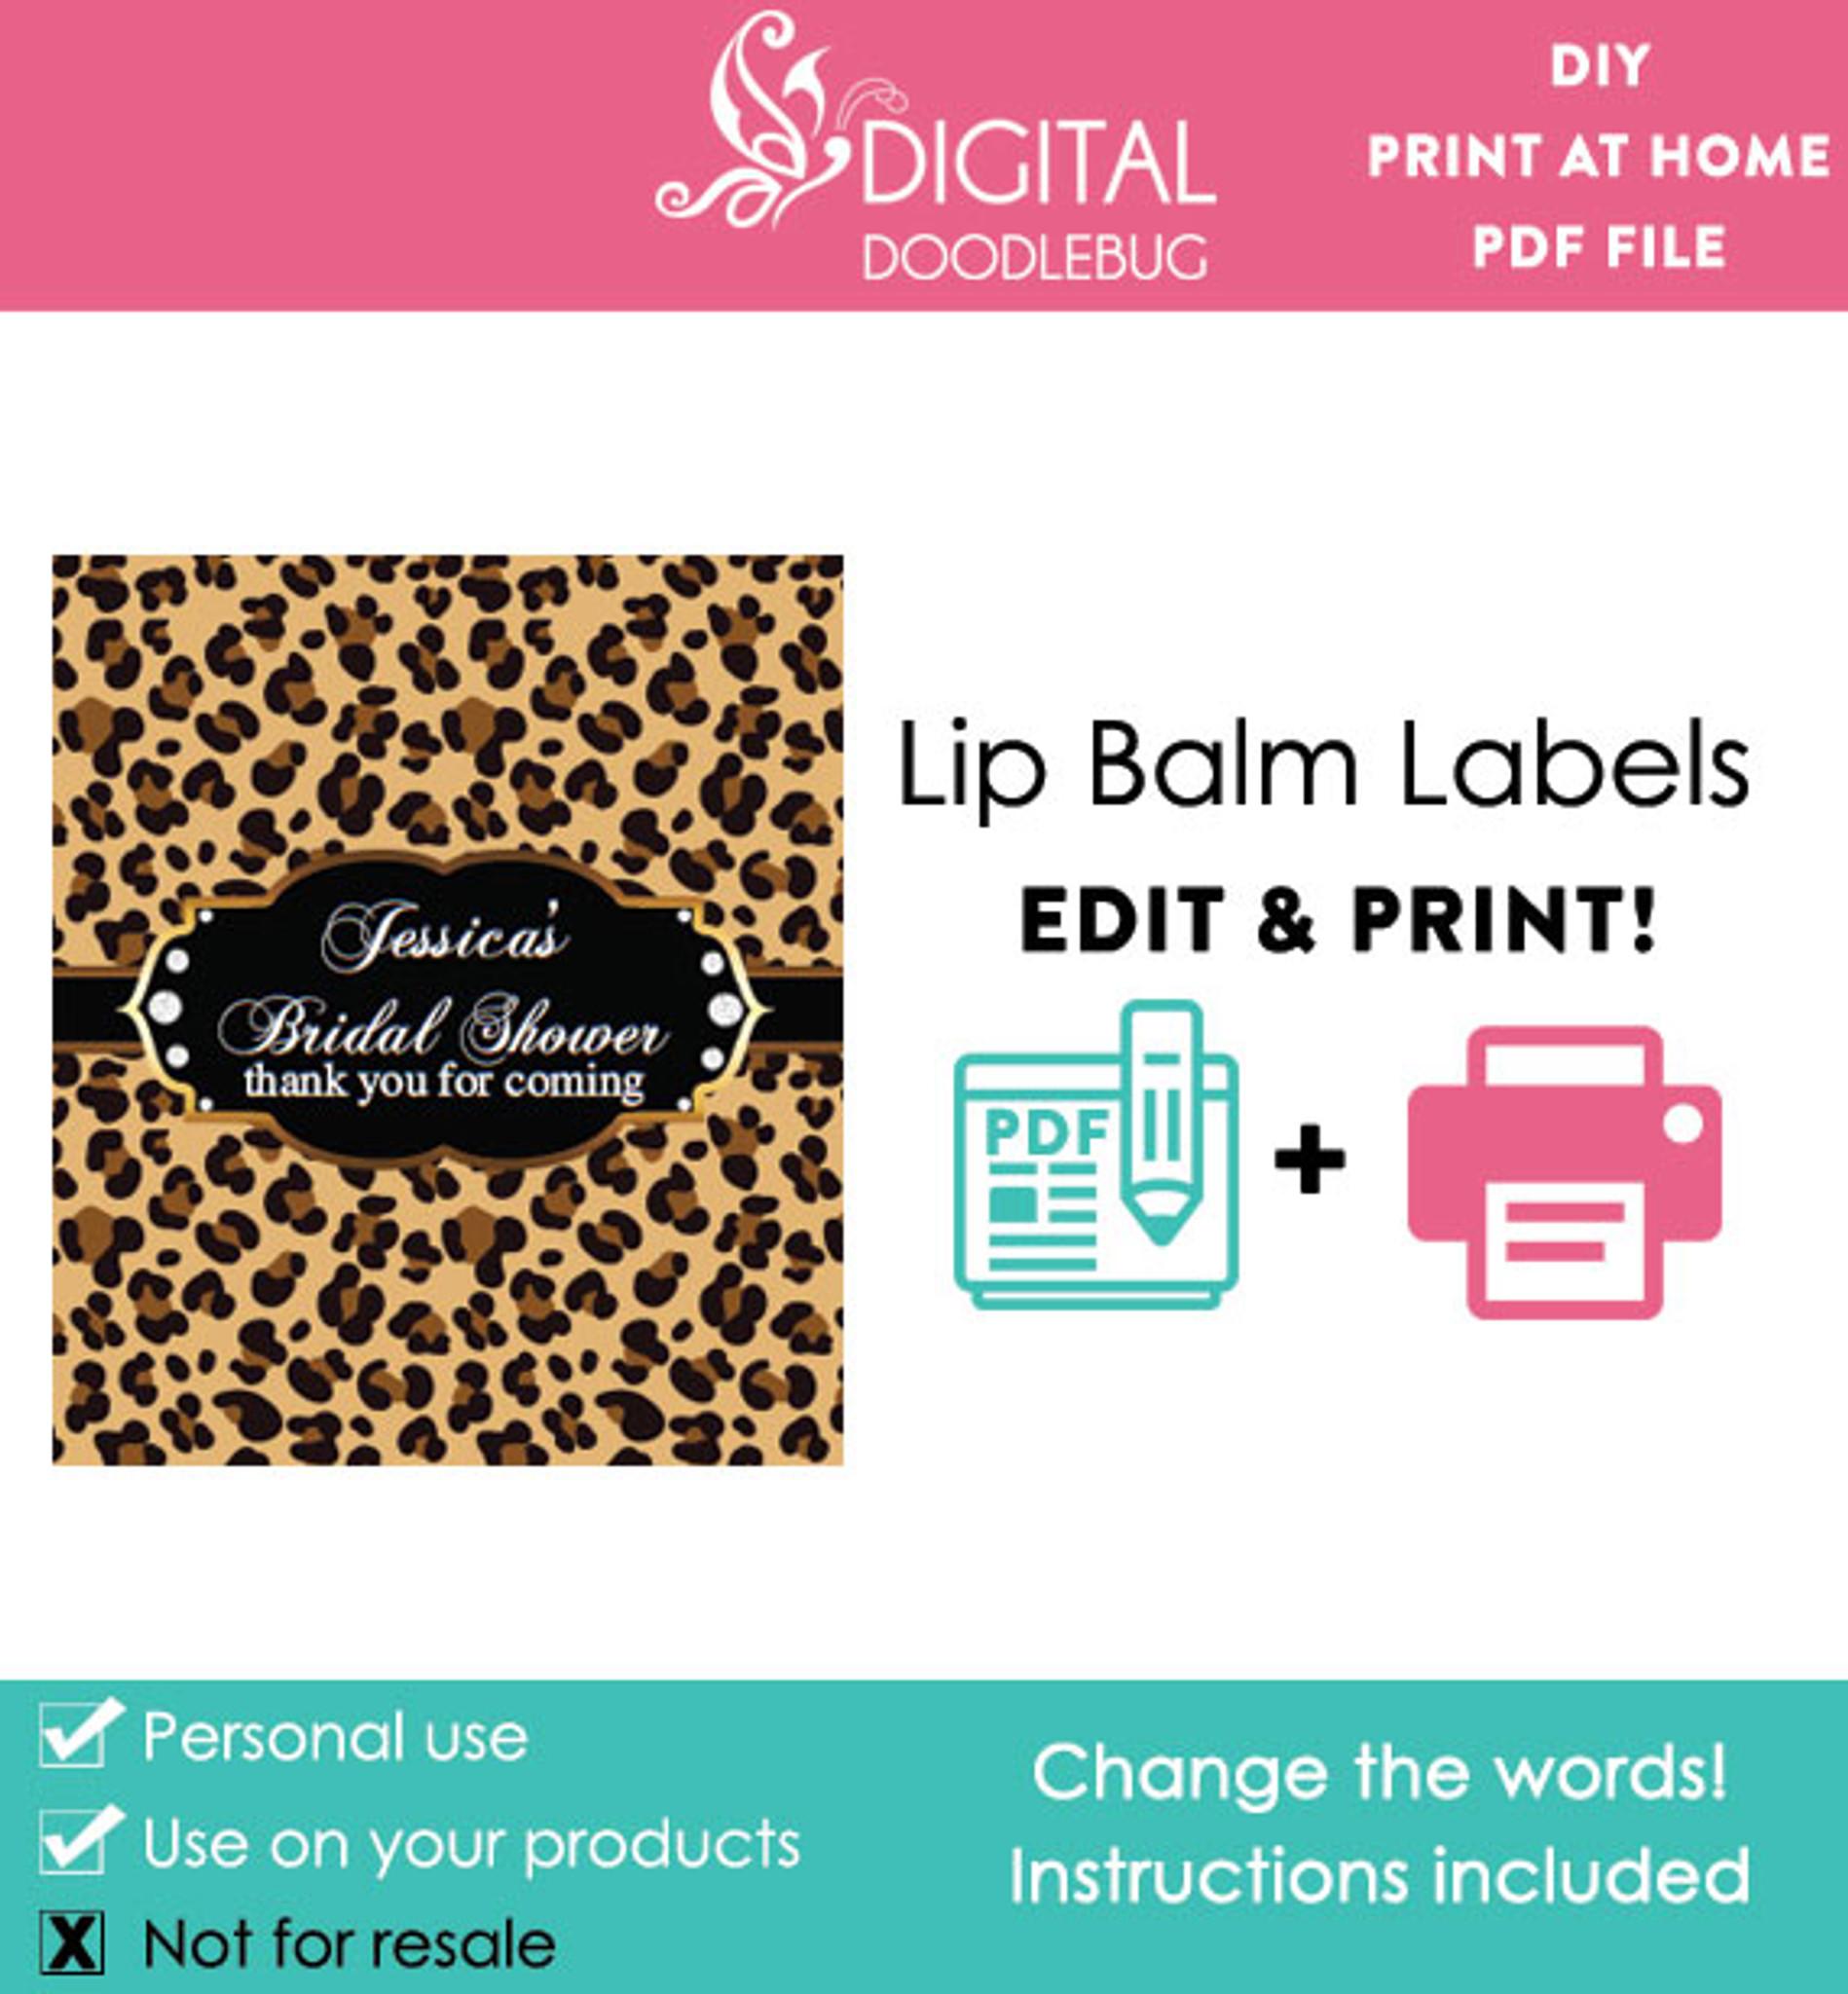 photograph about Printable Lip Balm Label Template known as Leopard printable lip balm label template PDF